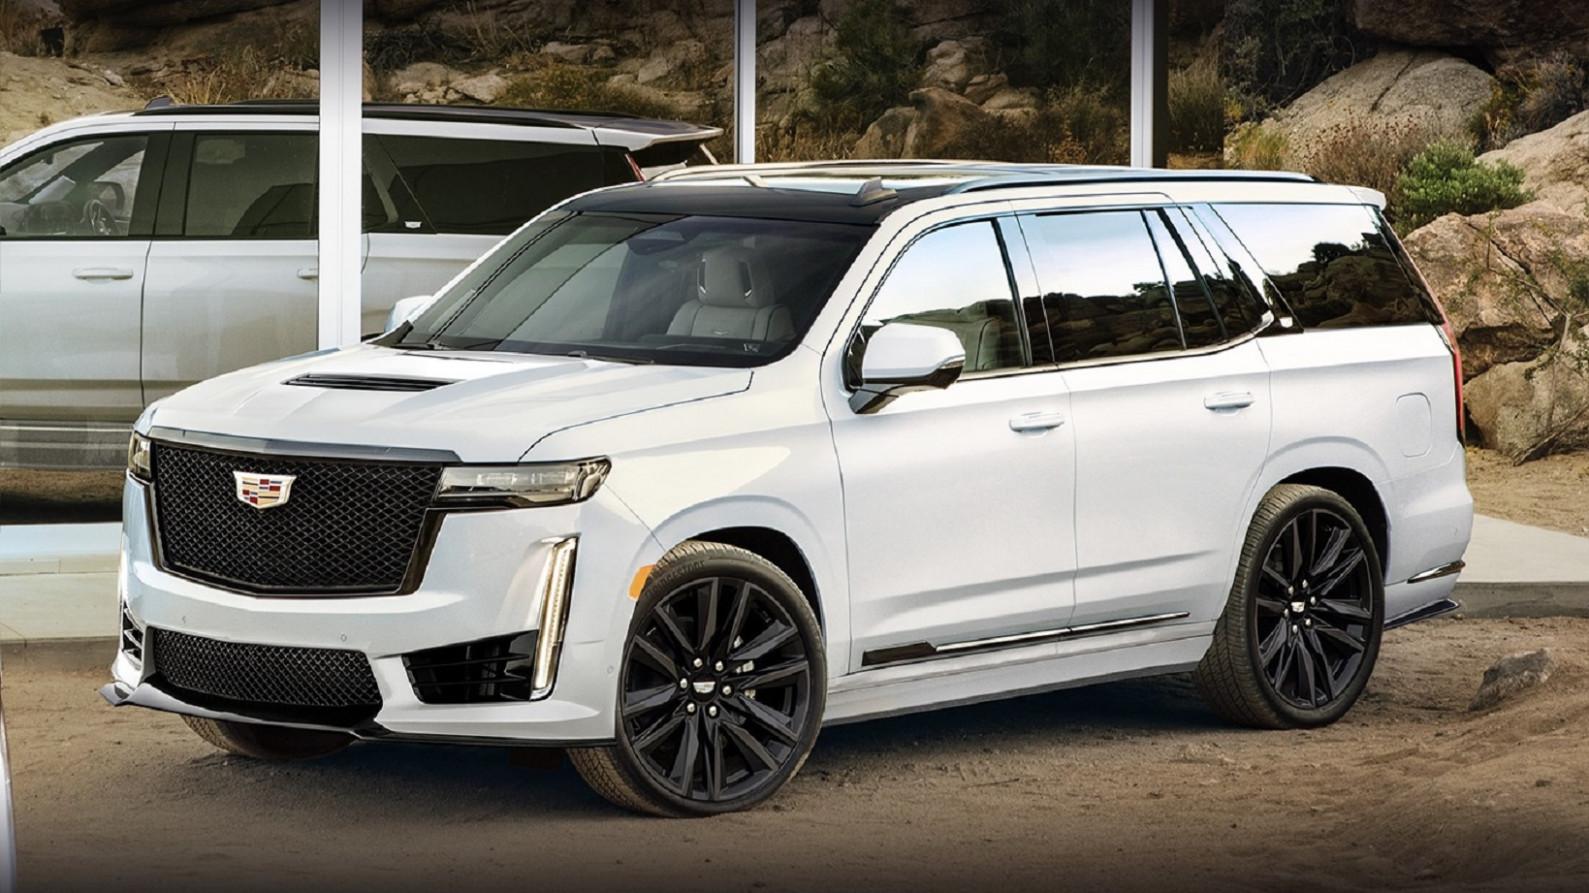 Redesign and Review 2022 Cadillac Escalade Vsport